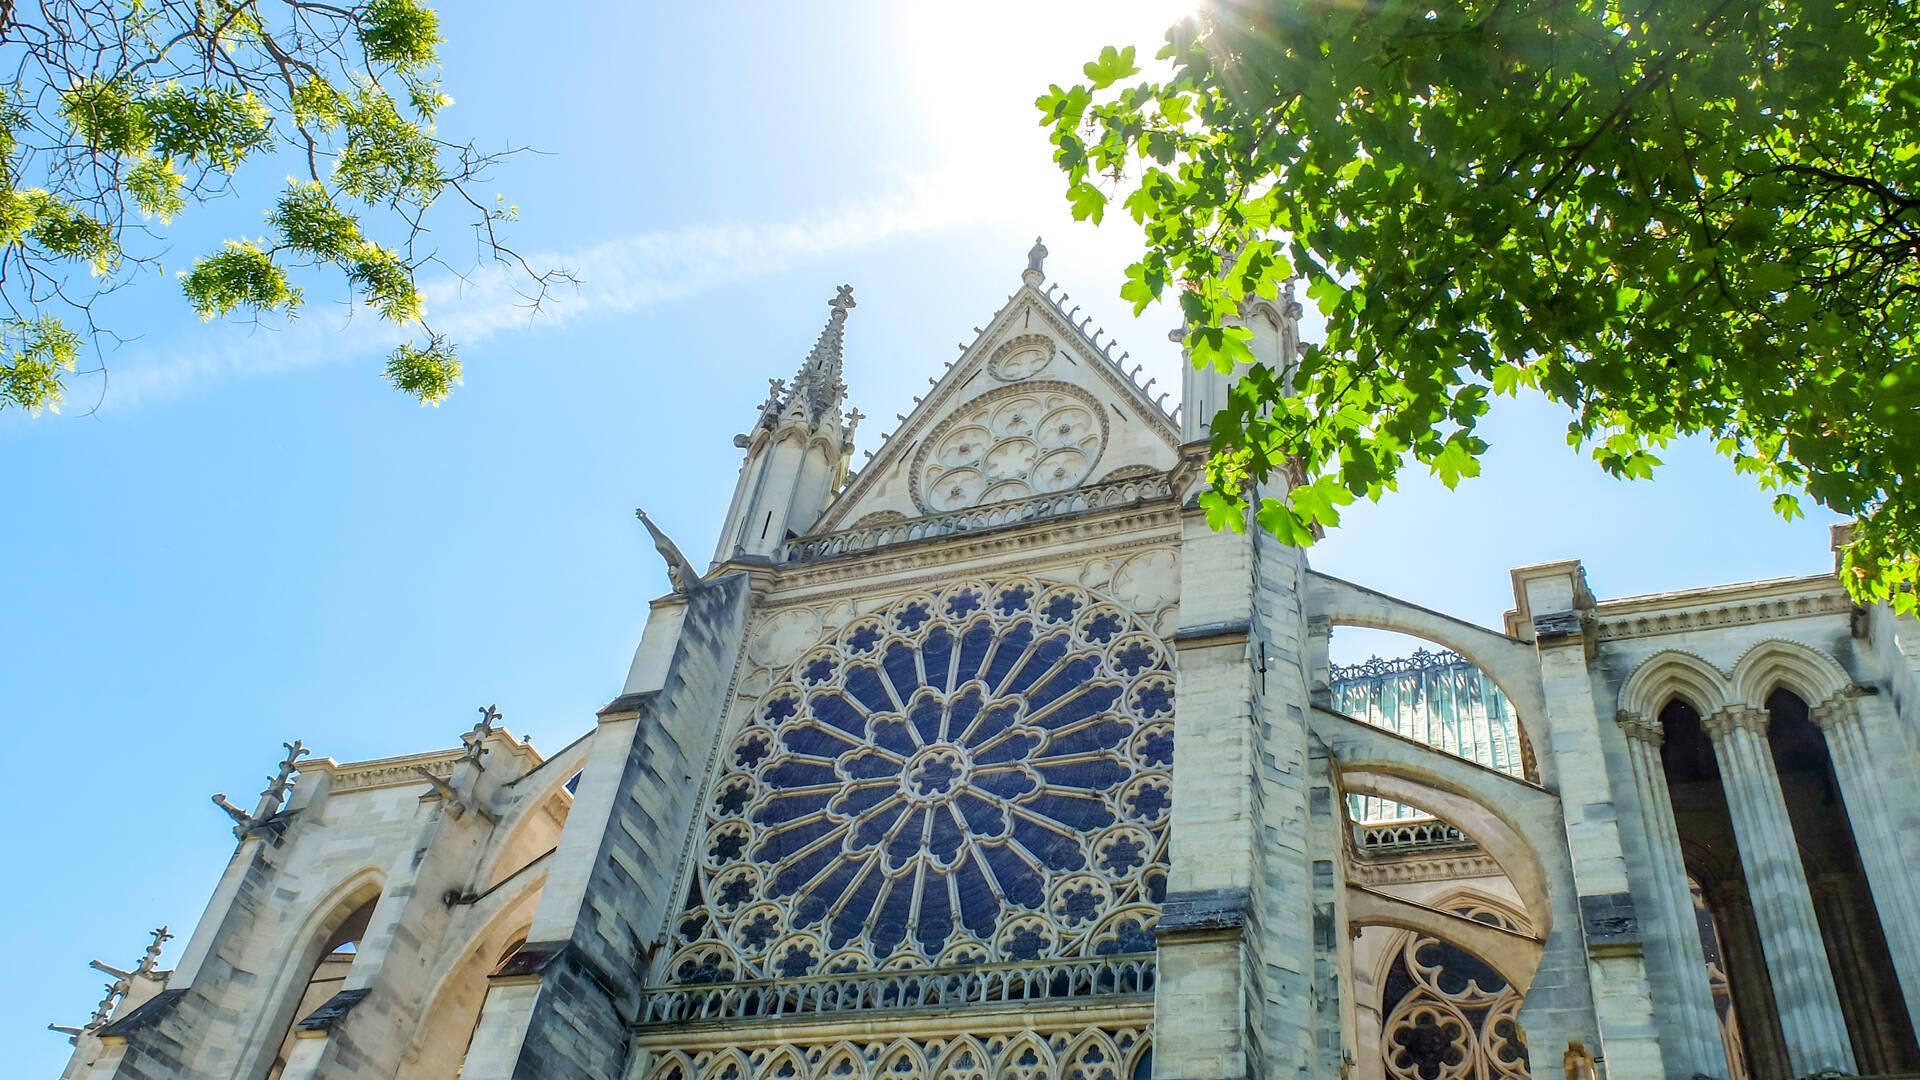 Basílica Catedral Saint-Denis -  llanura oficina de turismo de parís grand paris